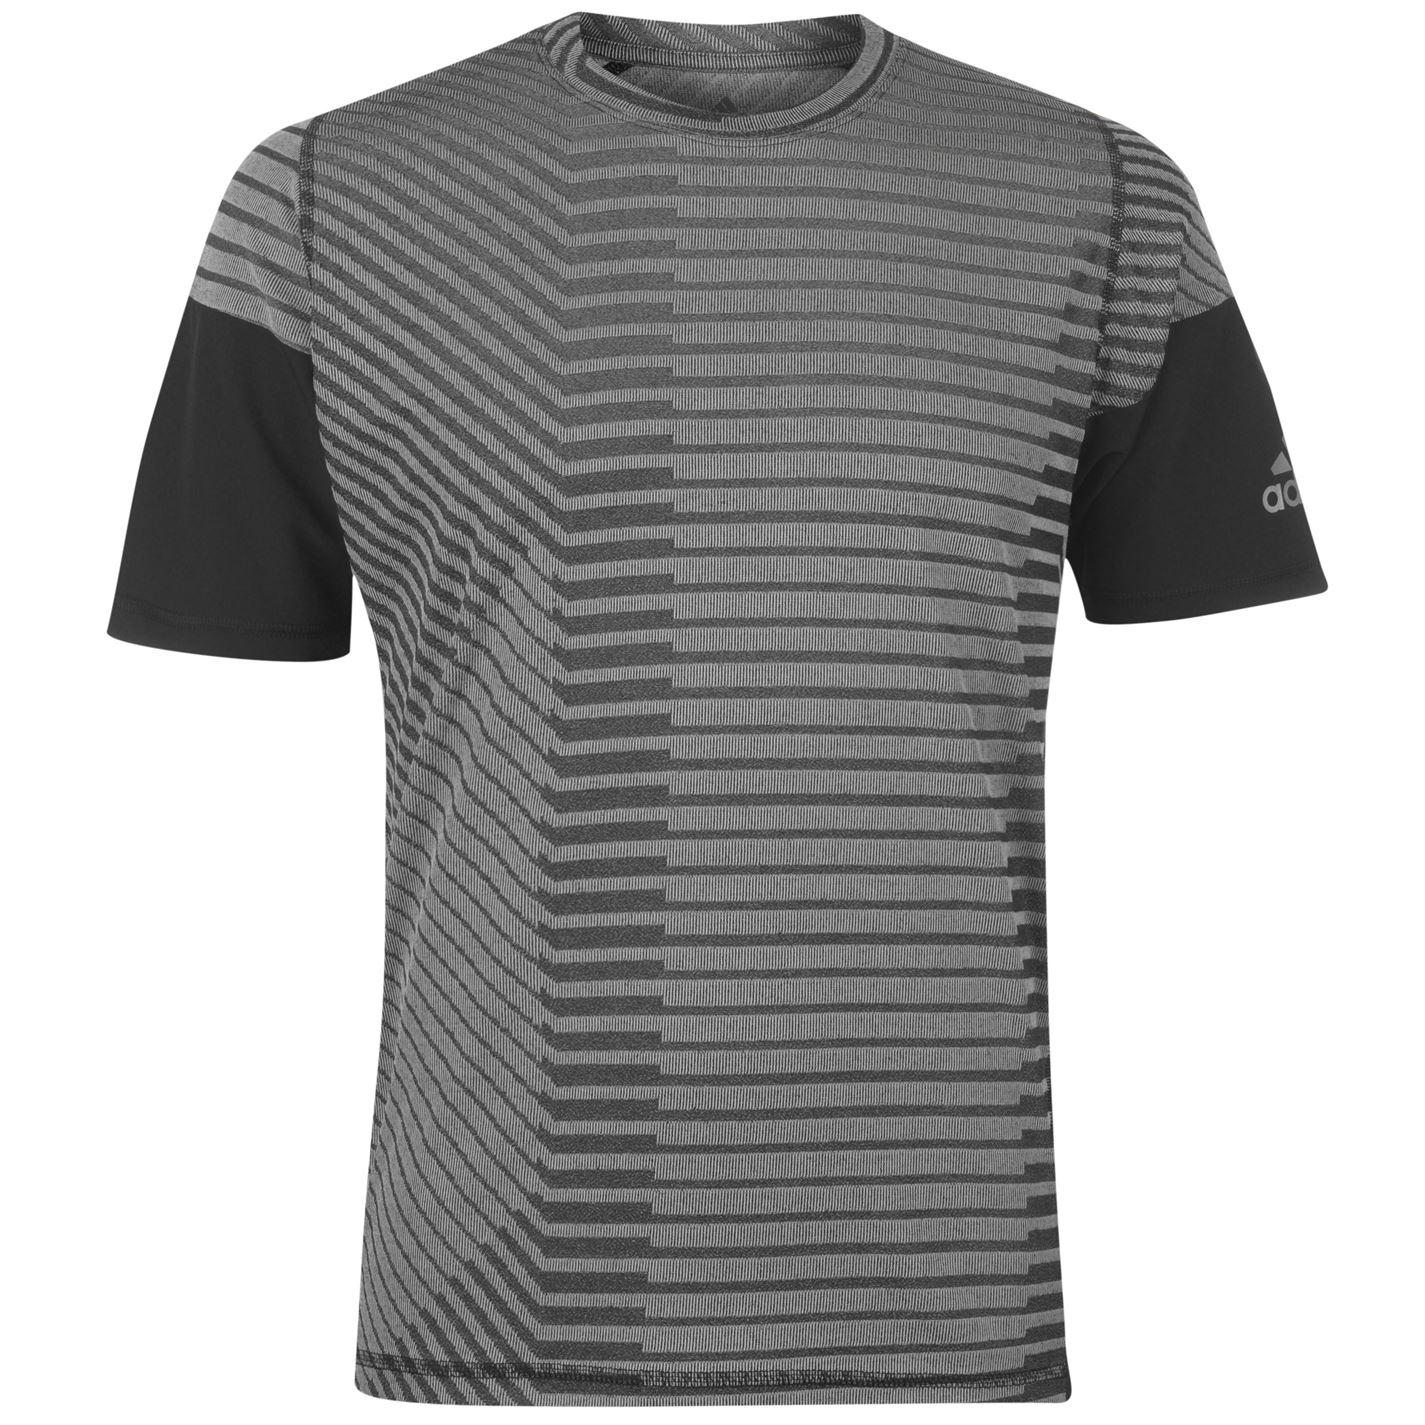 Adidas Stripe Print T Shirt Mens